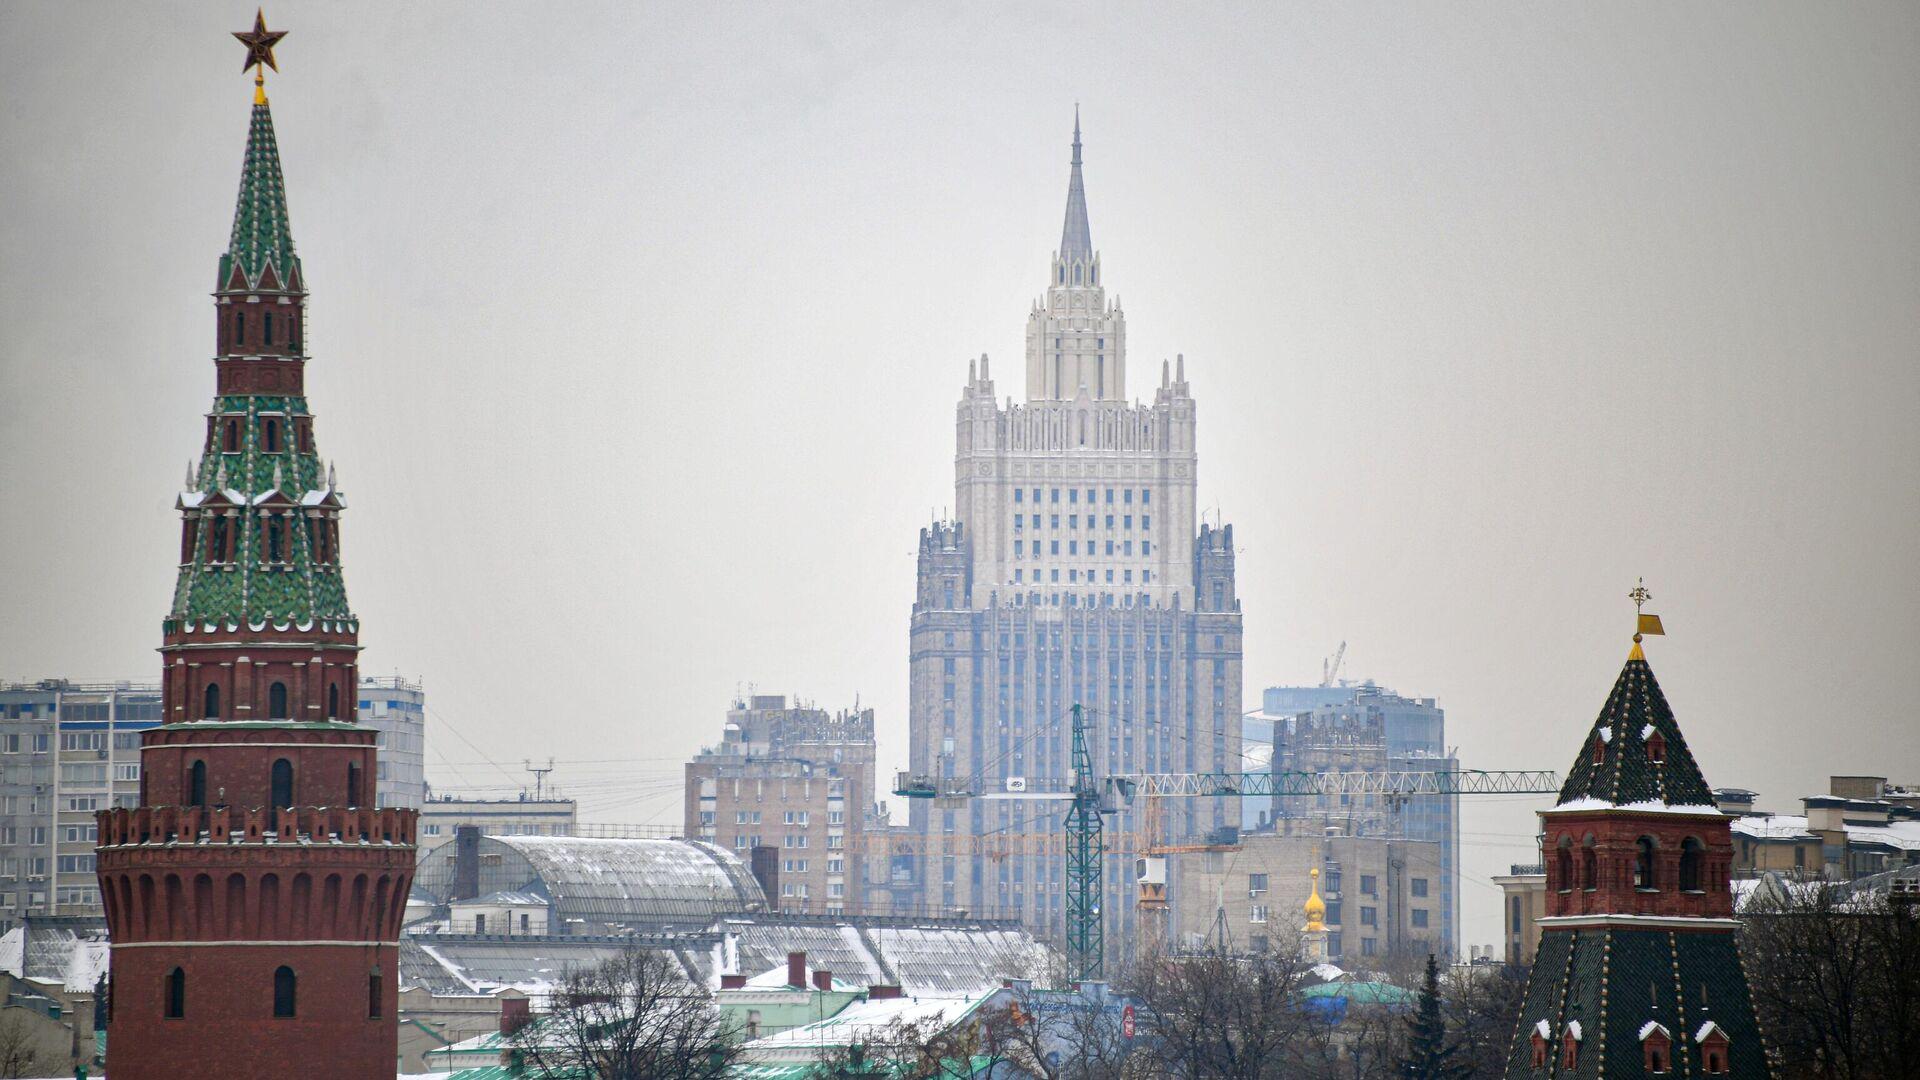 Вид на башни московского Кремля и здание МИД - РИА Новости, 1920, 11.02.2021